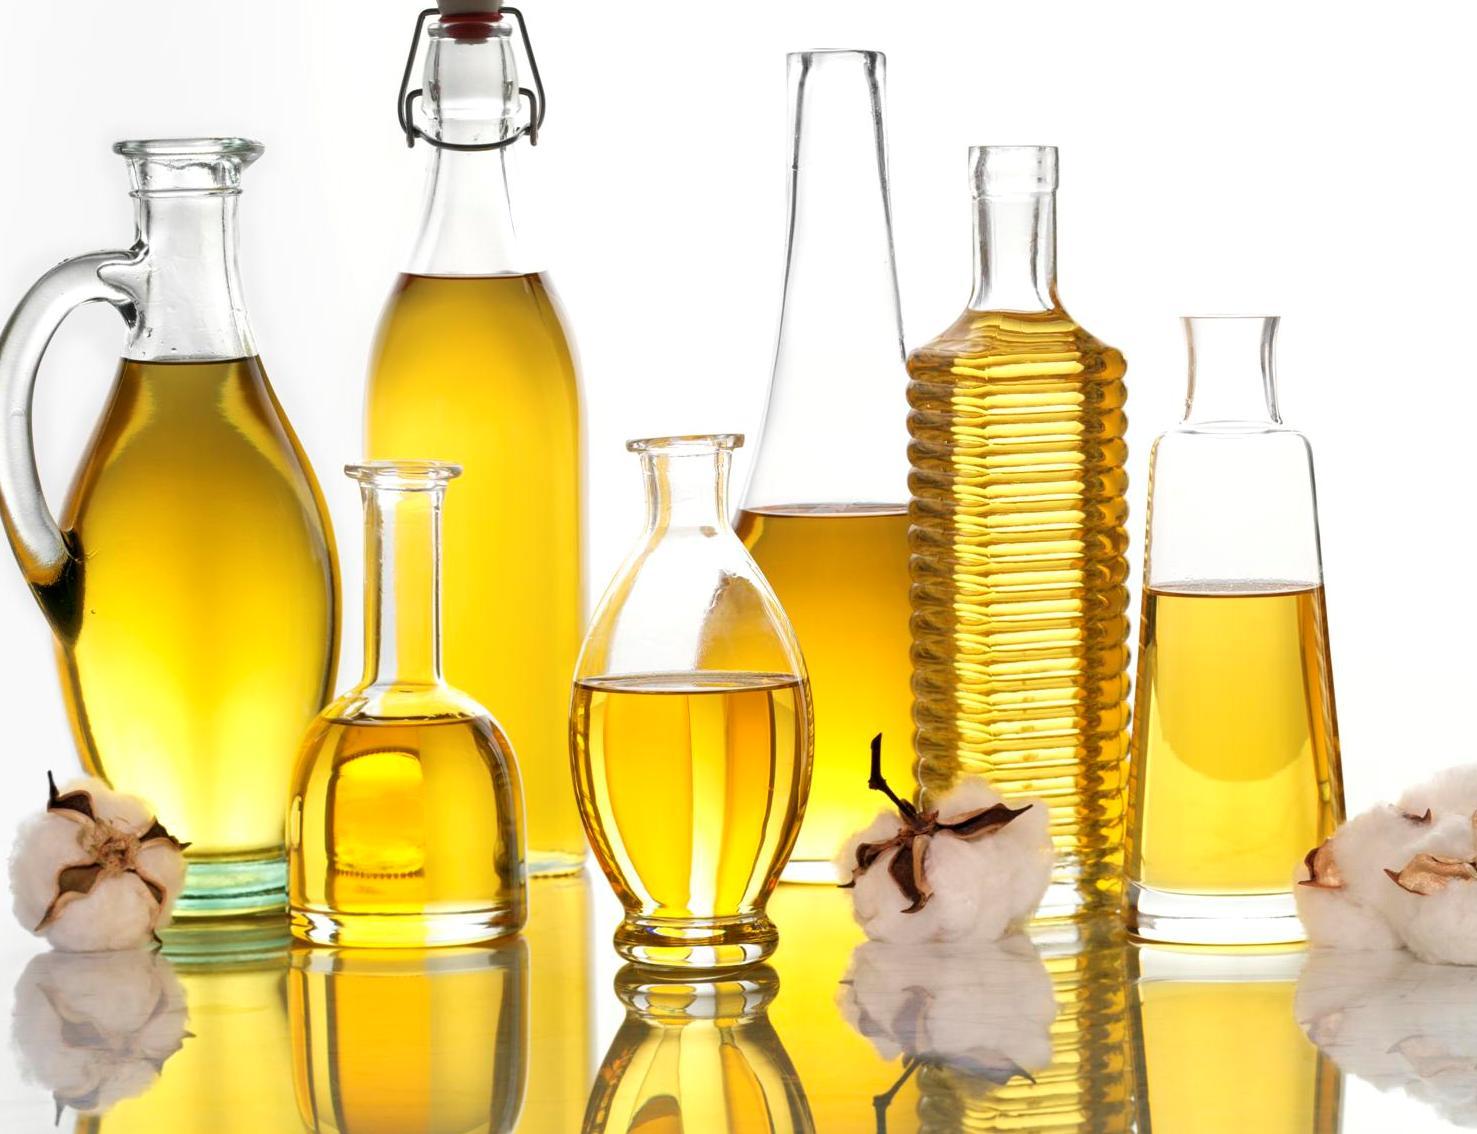 Подсолнечное масло — один из видов растительного масла